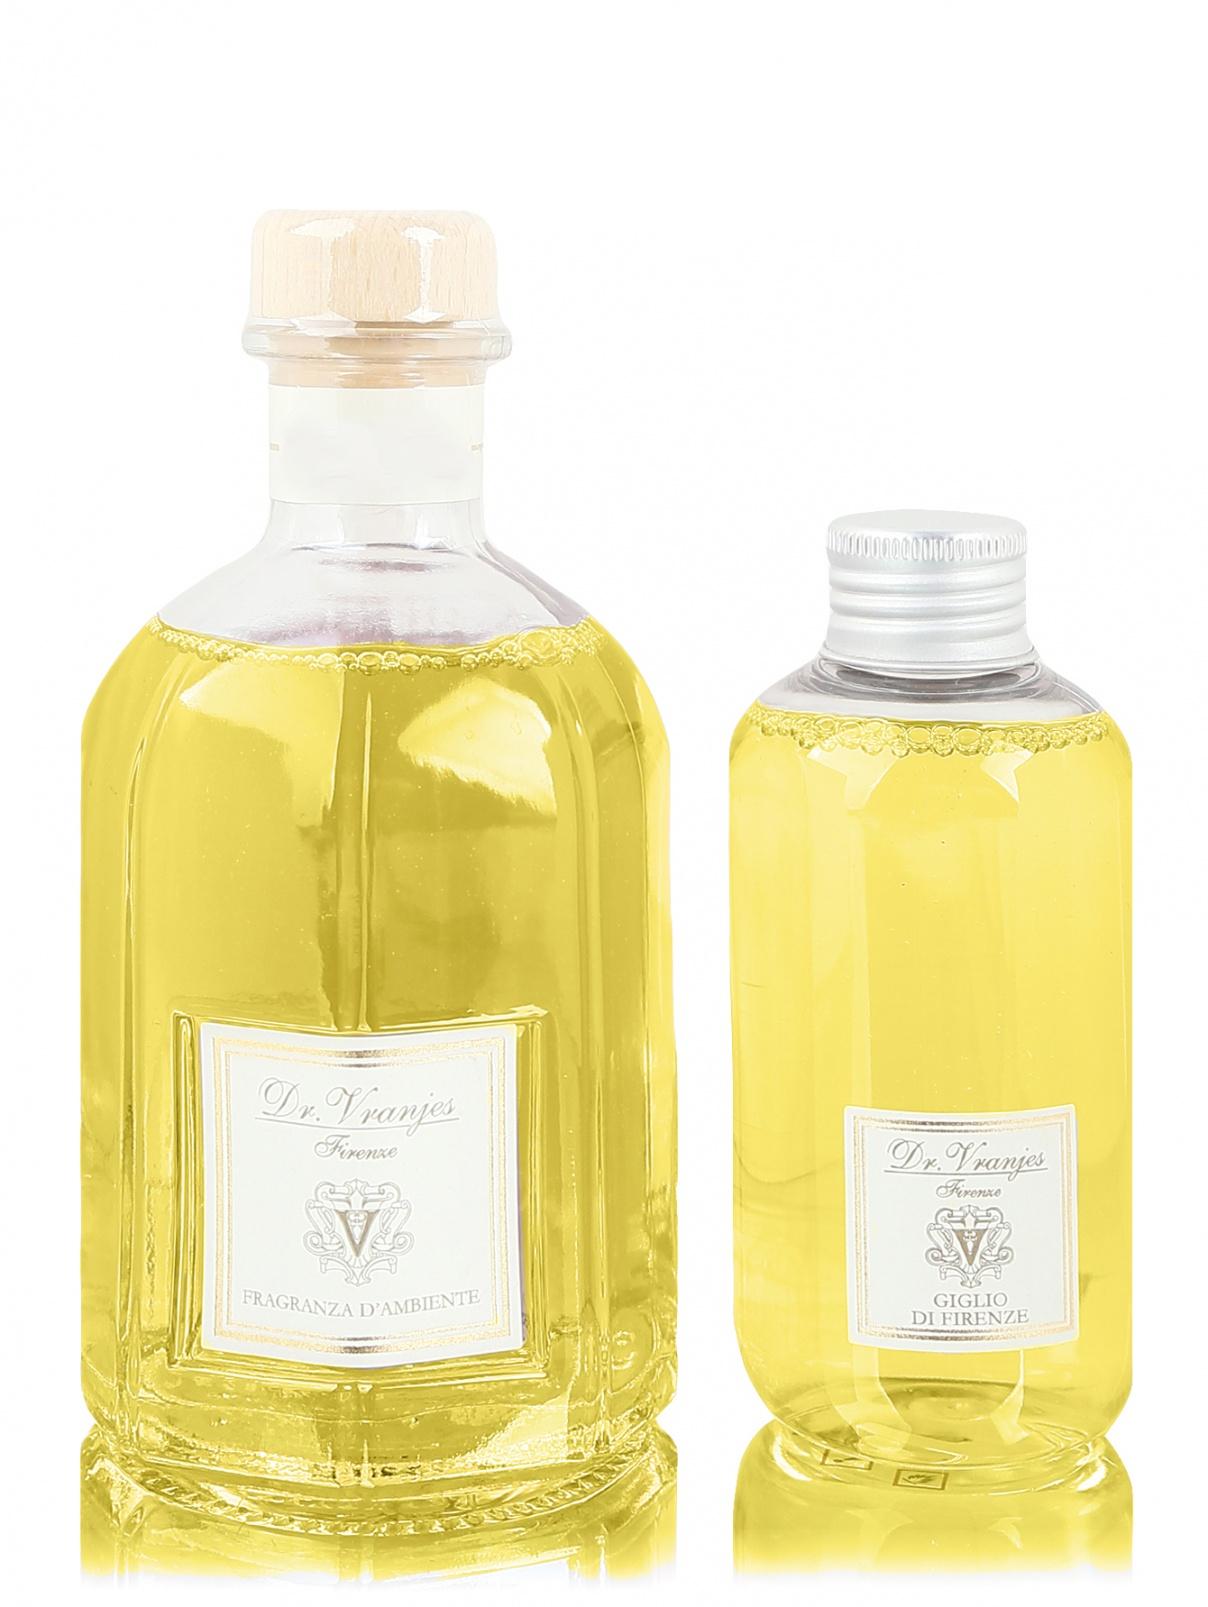 Набор Arancio Cannella 250 мл с наполнителем 150 мл Home Fragrance Dr. Vranjes  –  Общий вид